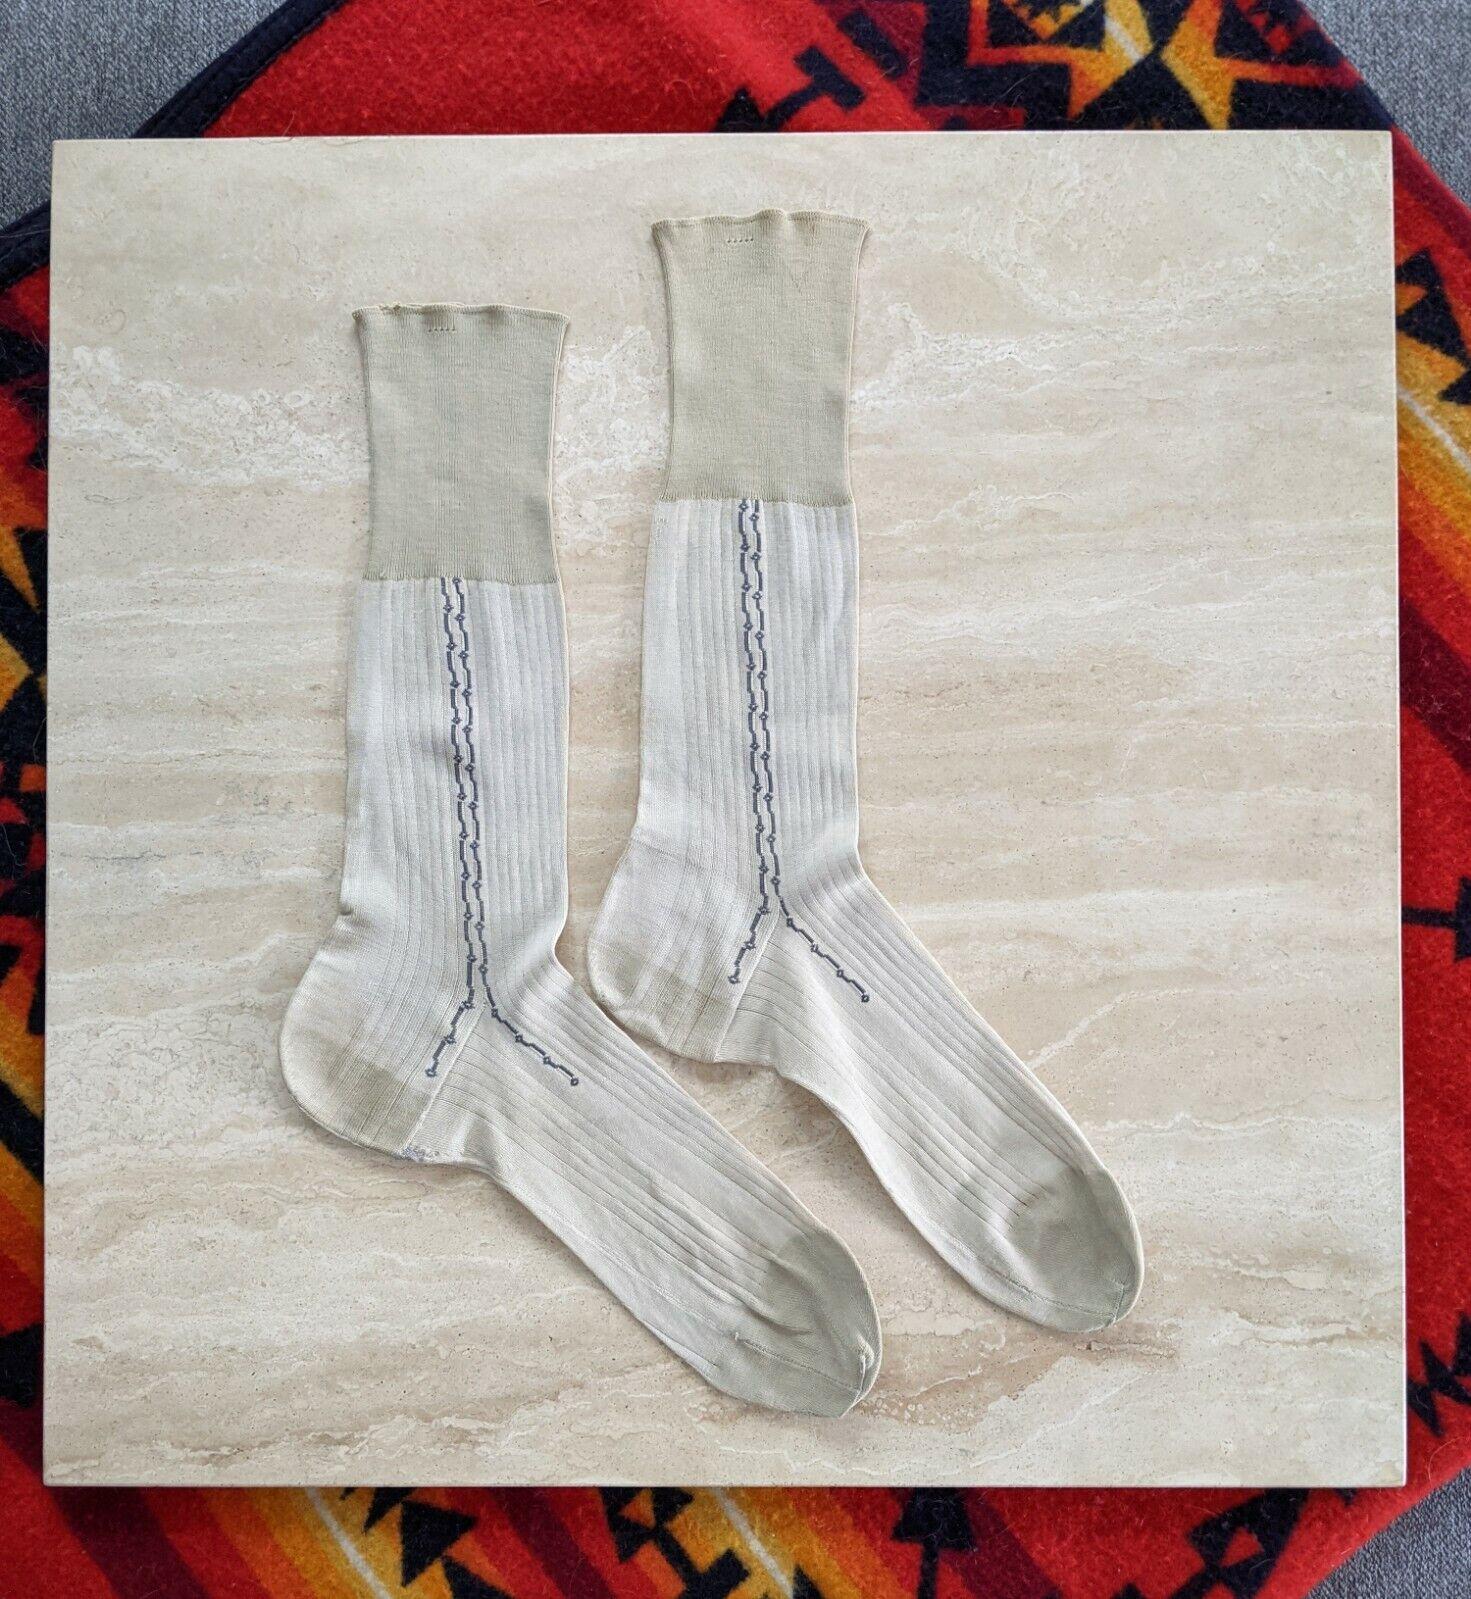 Antique Men's Socks Edwardian 1910s 1920s Vintage… - image 2